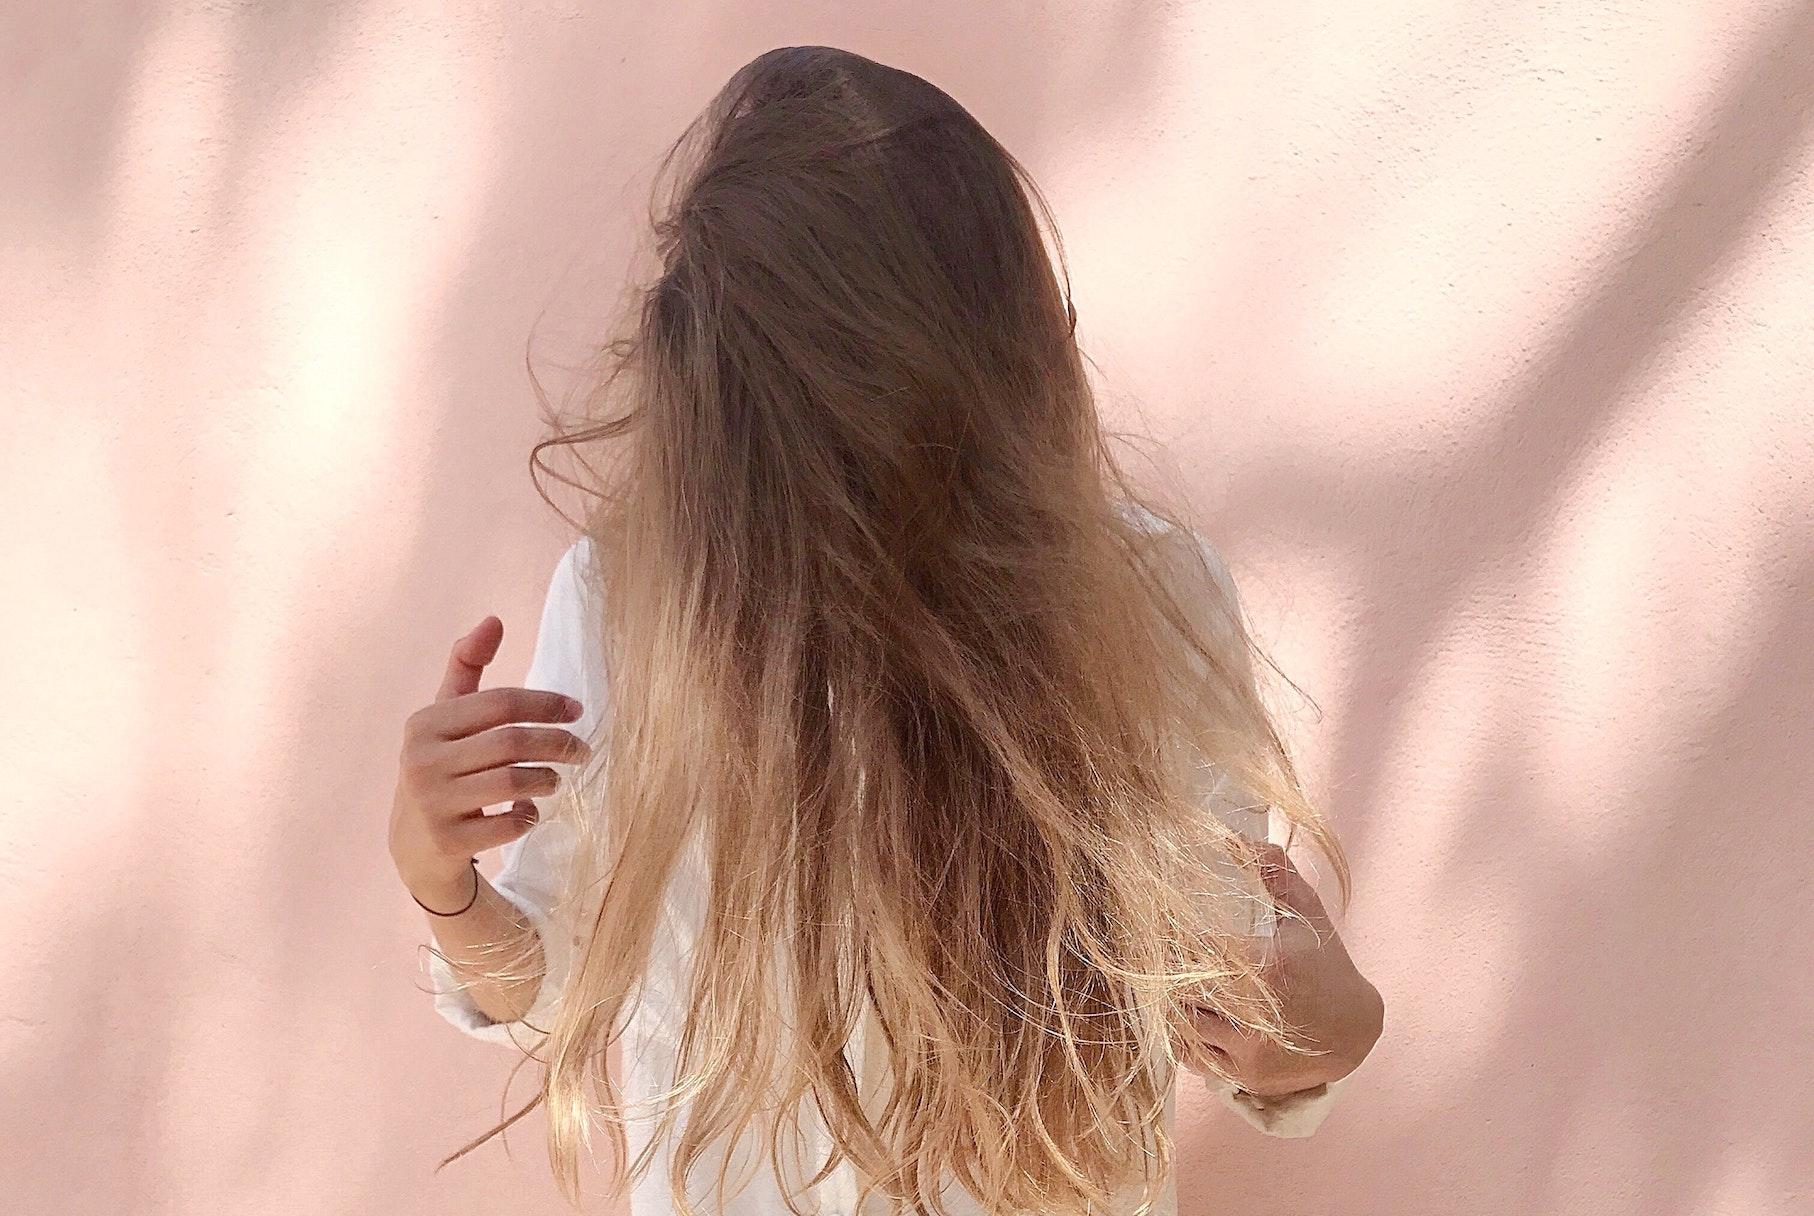 Tu pelo y la humedad, ¡una pelea interminable!